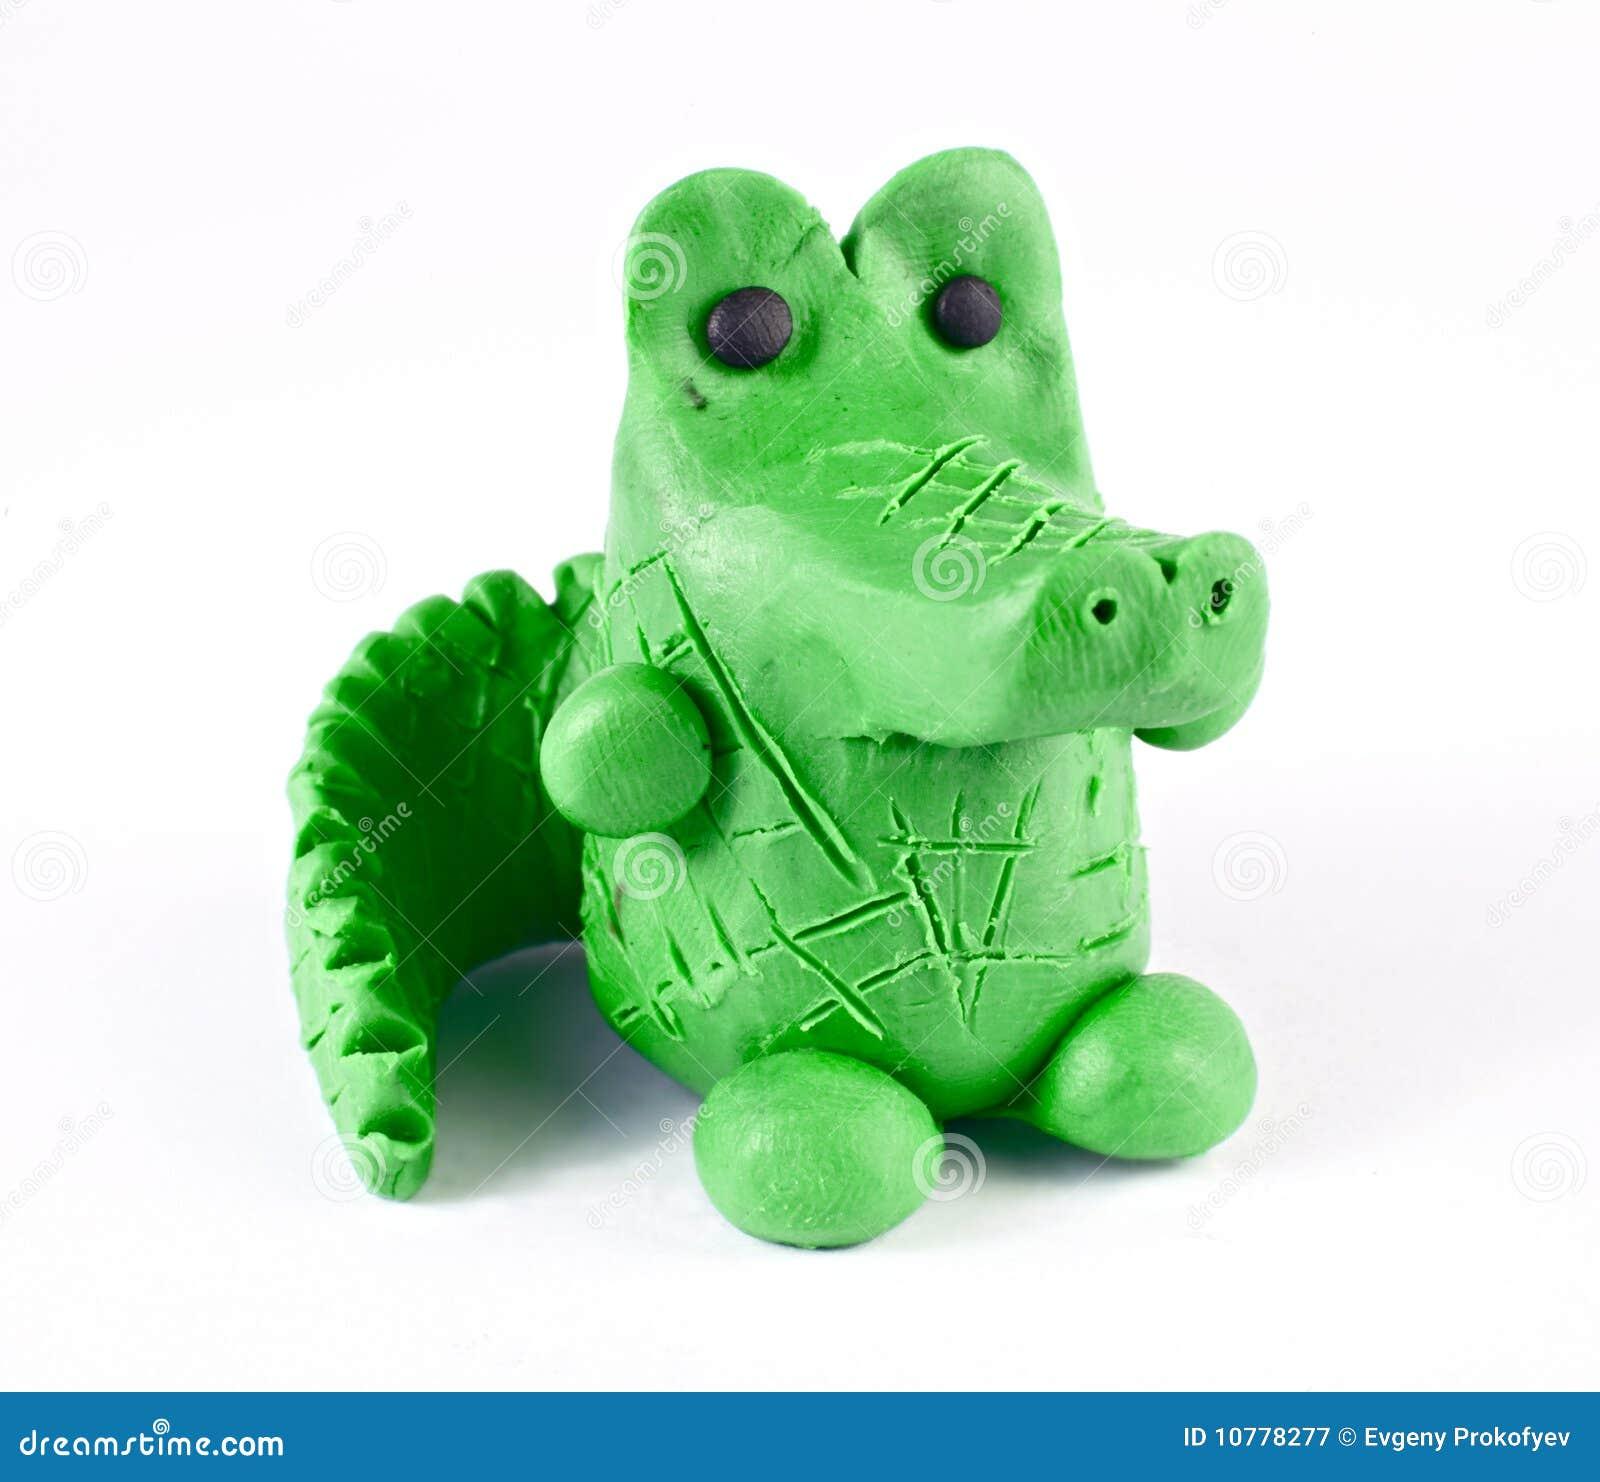 De krokodil van de plasticine